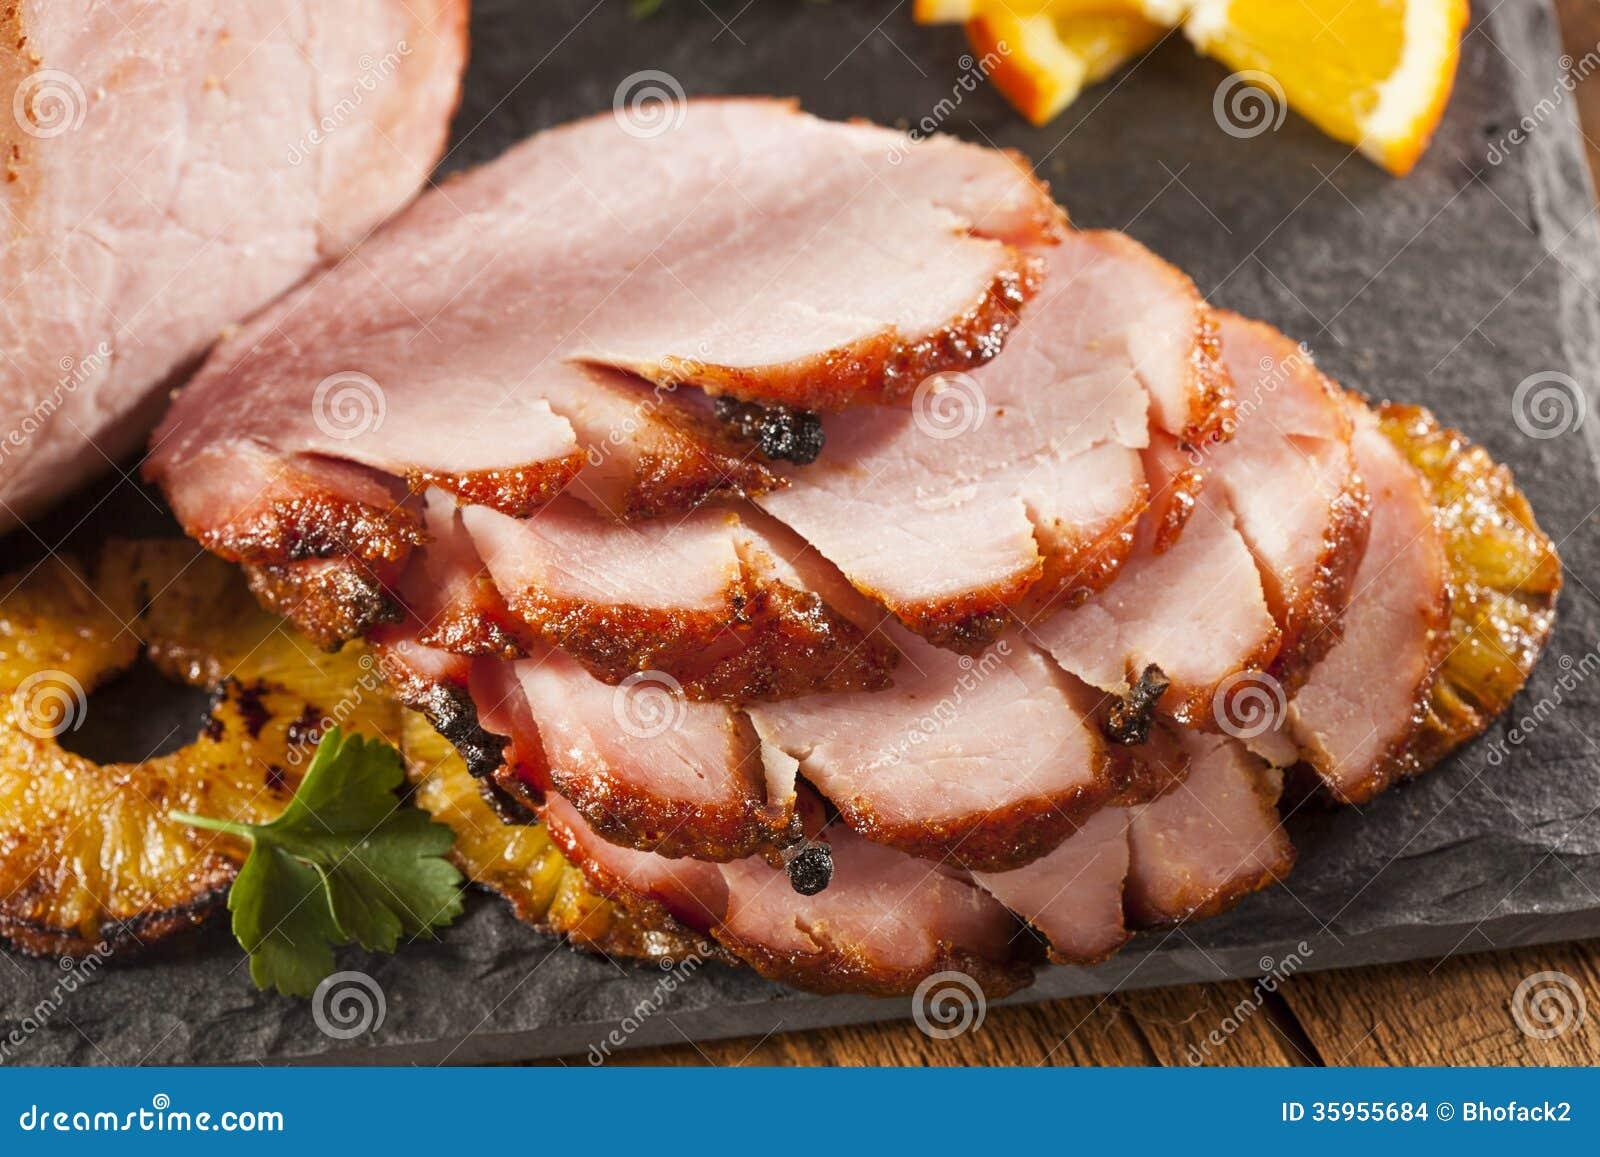 Honey Glazed Ham cortado tradicional